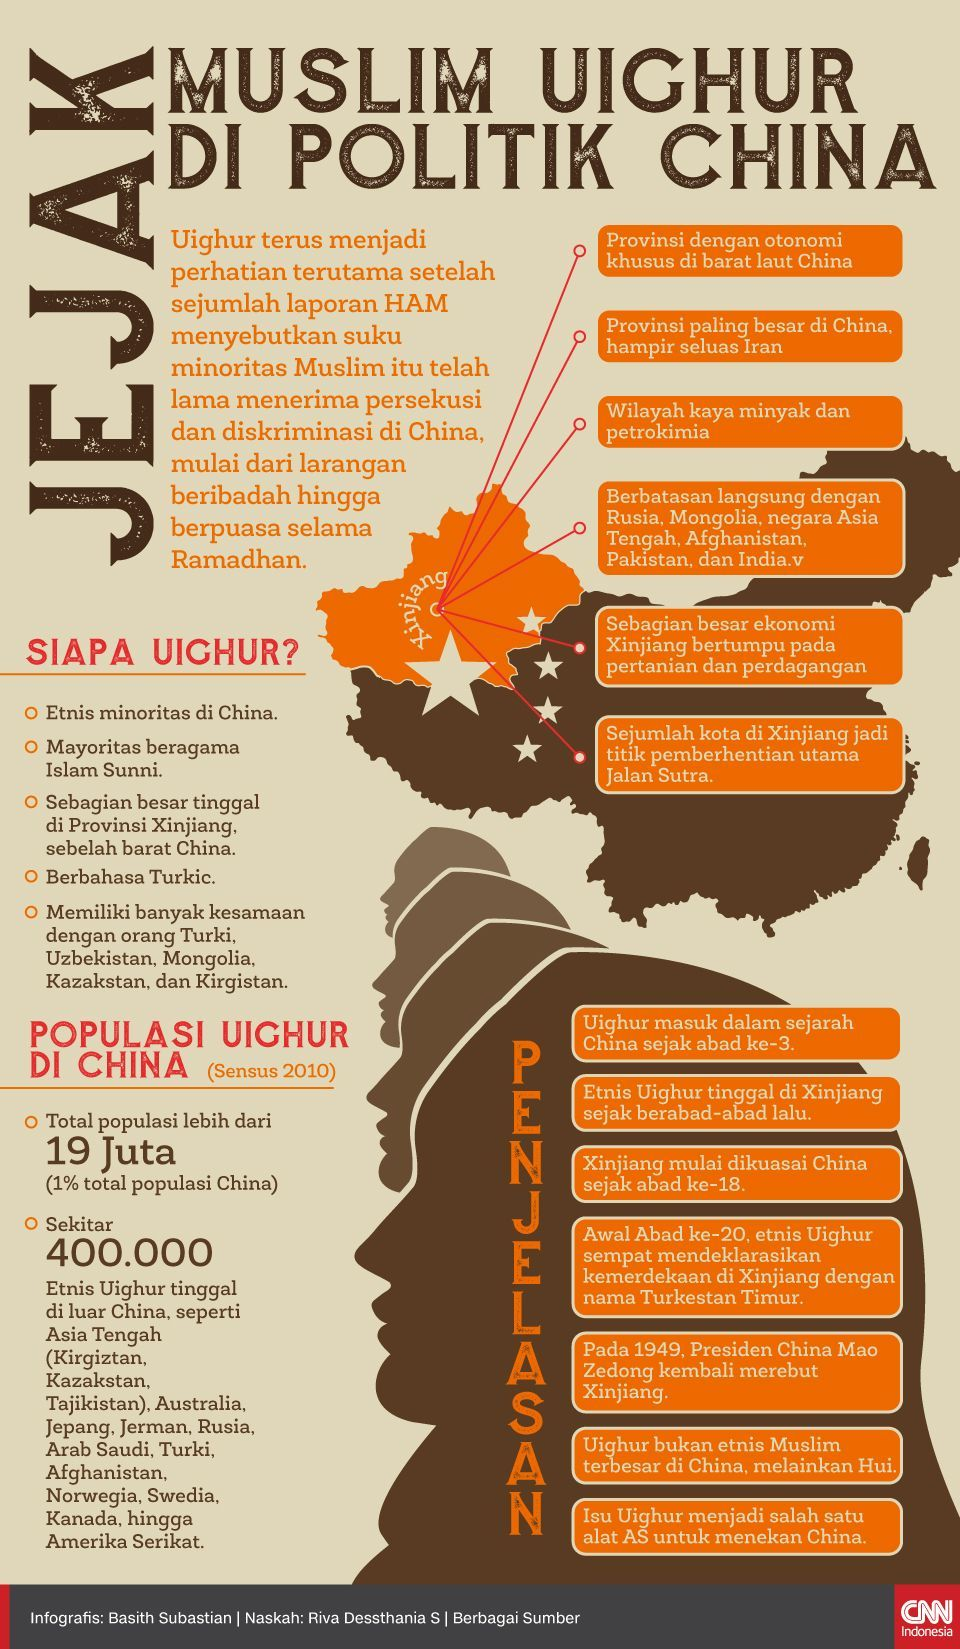 Infografis Jejak Muslim Uighur di Politik China